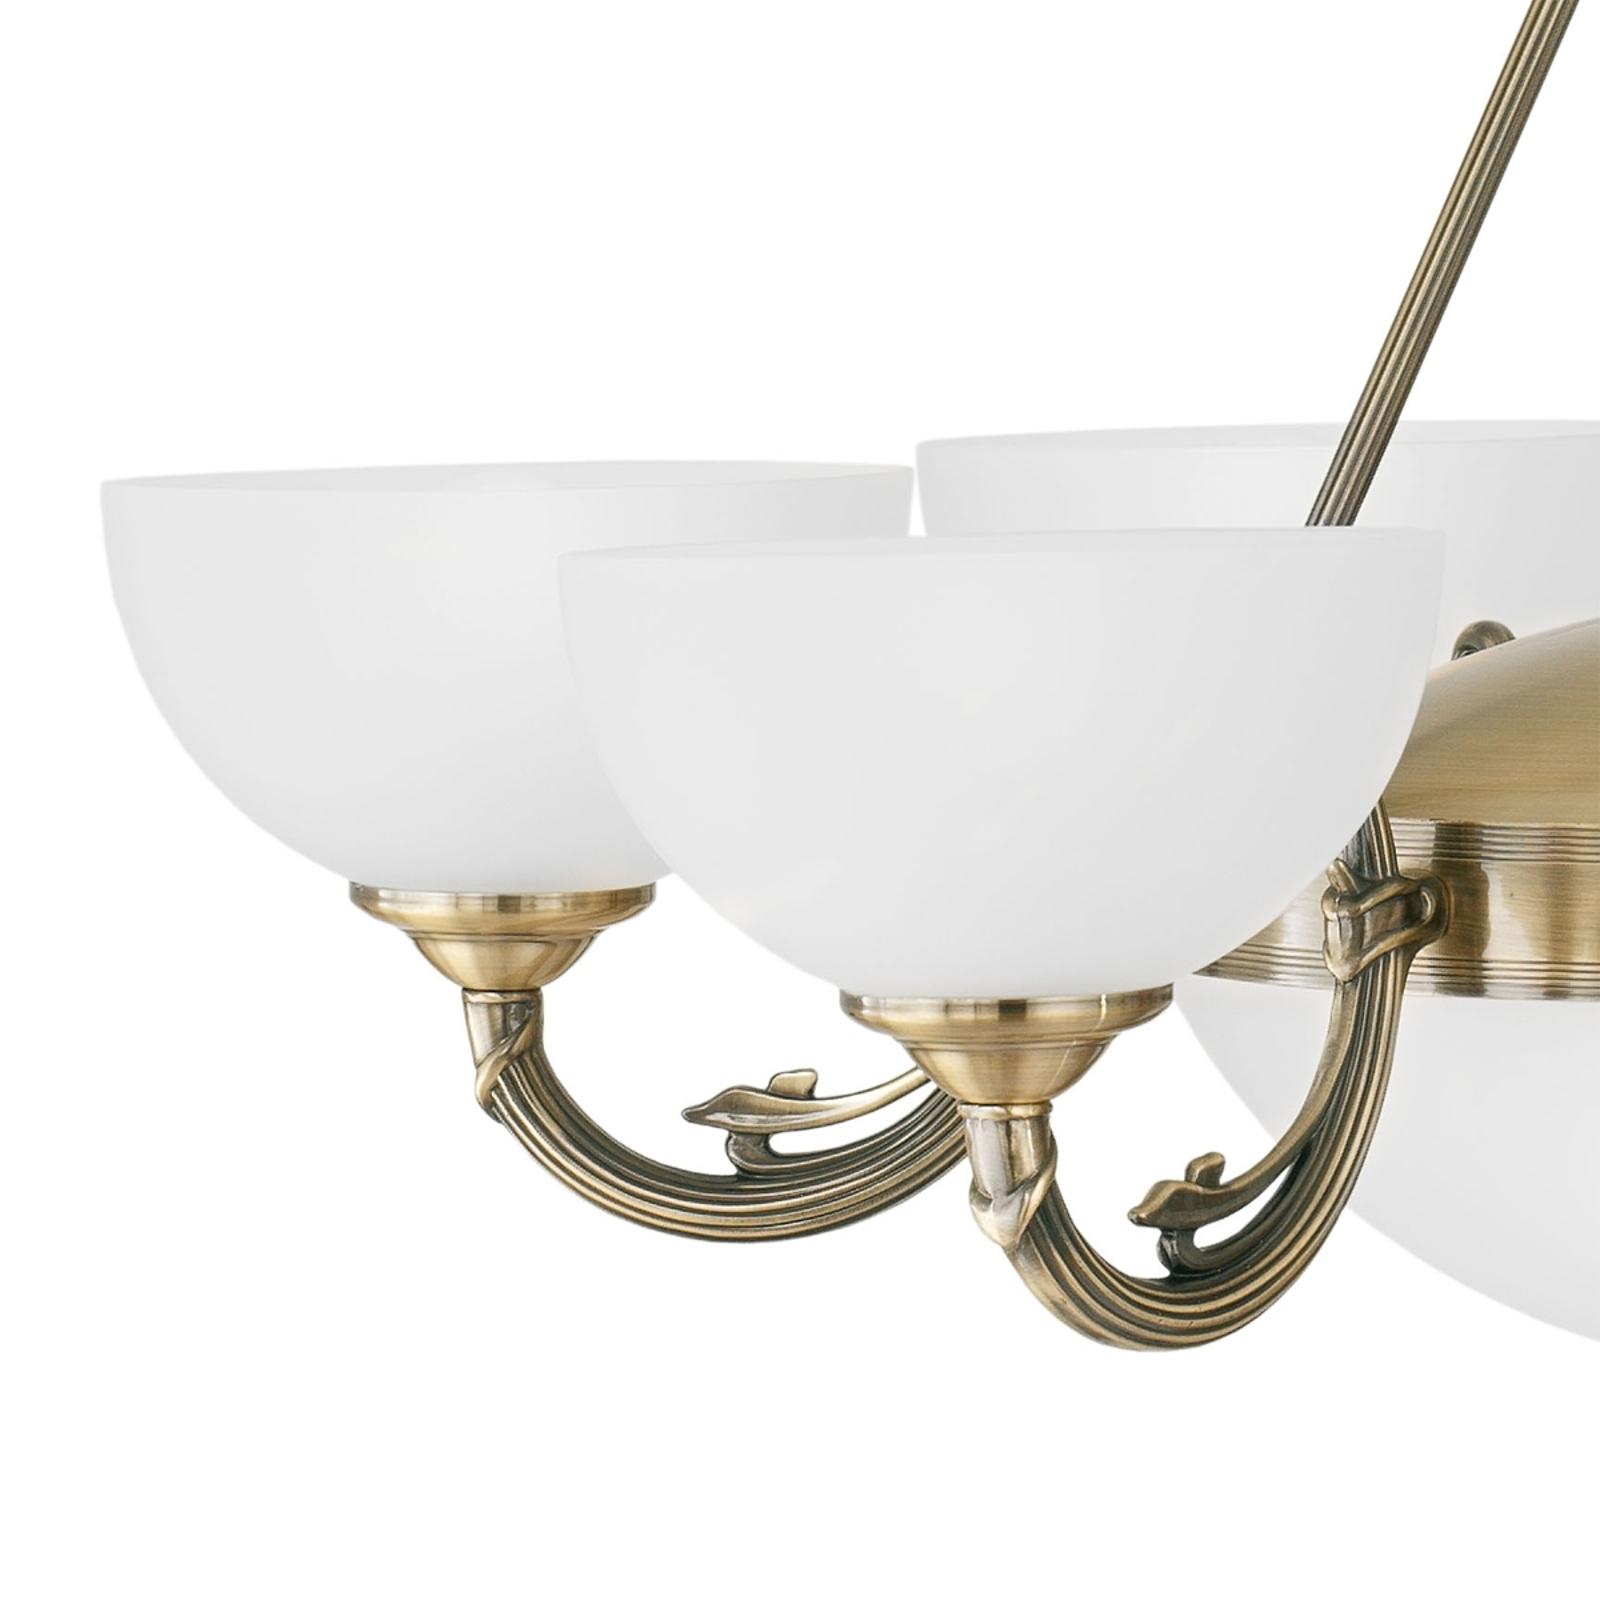 Lampa wisząca Savy, 8-punktowa